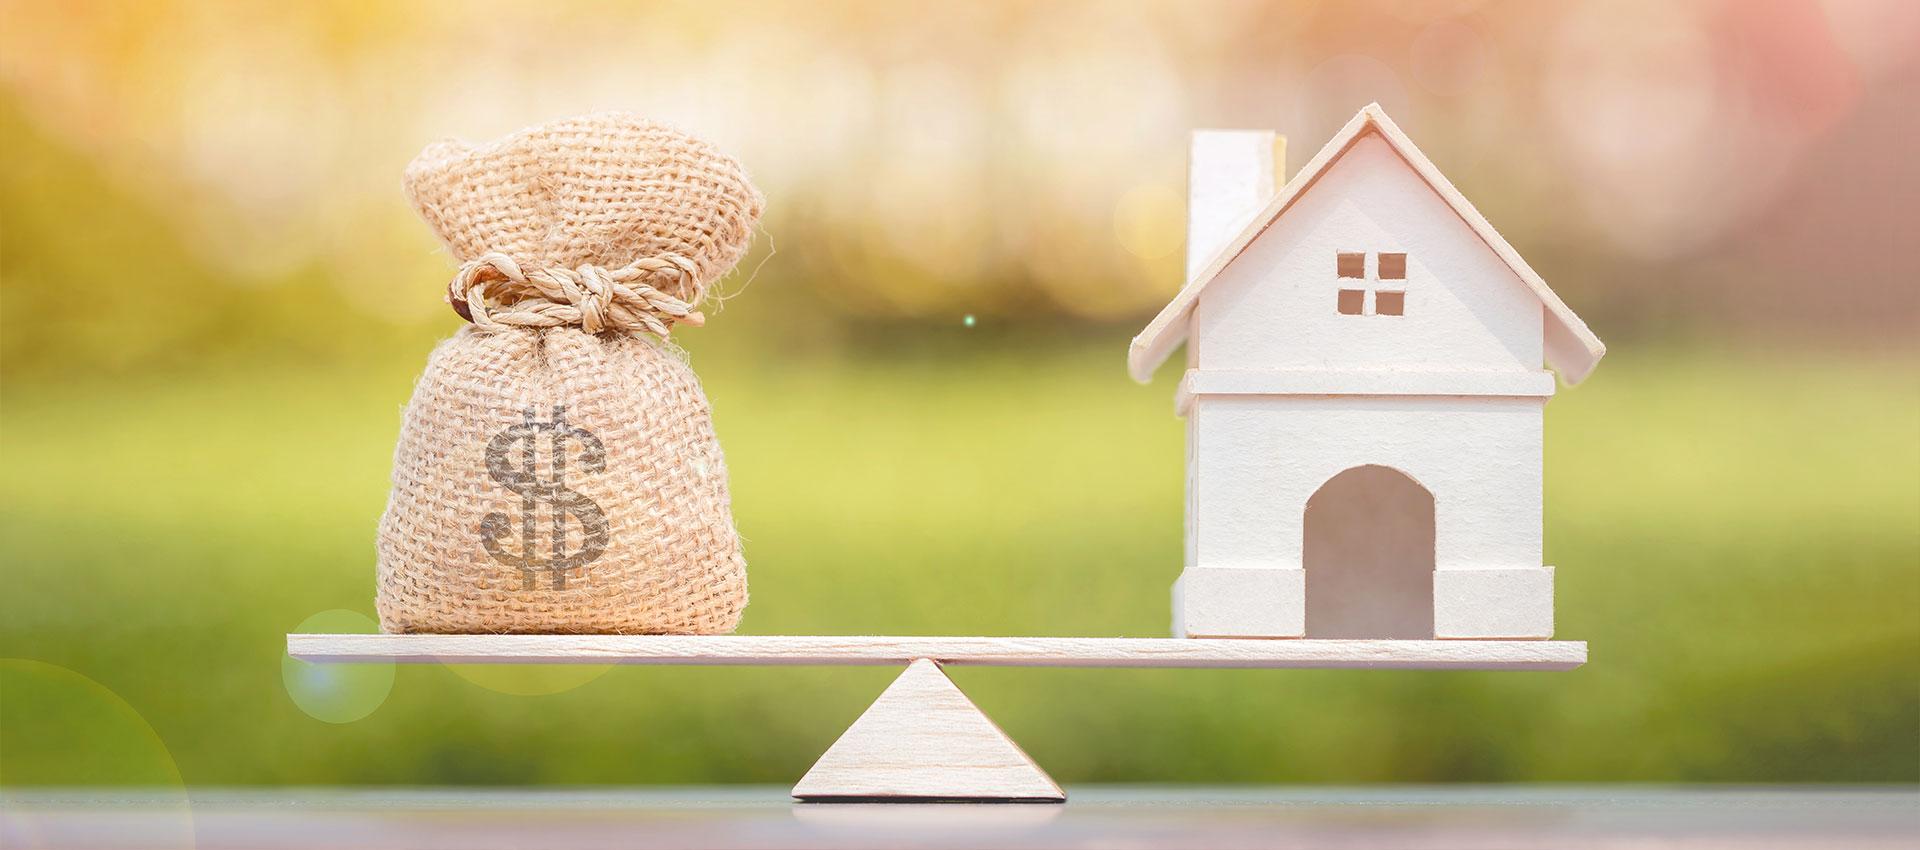 Abbildung Waage mit Geld und Haus